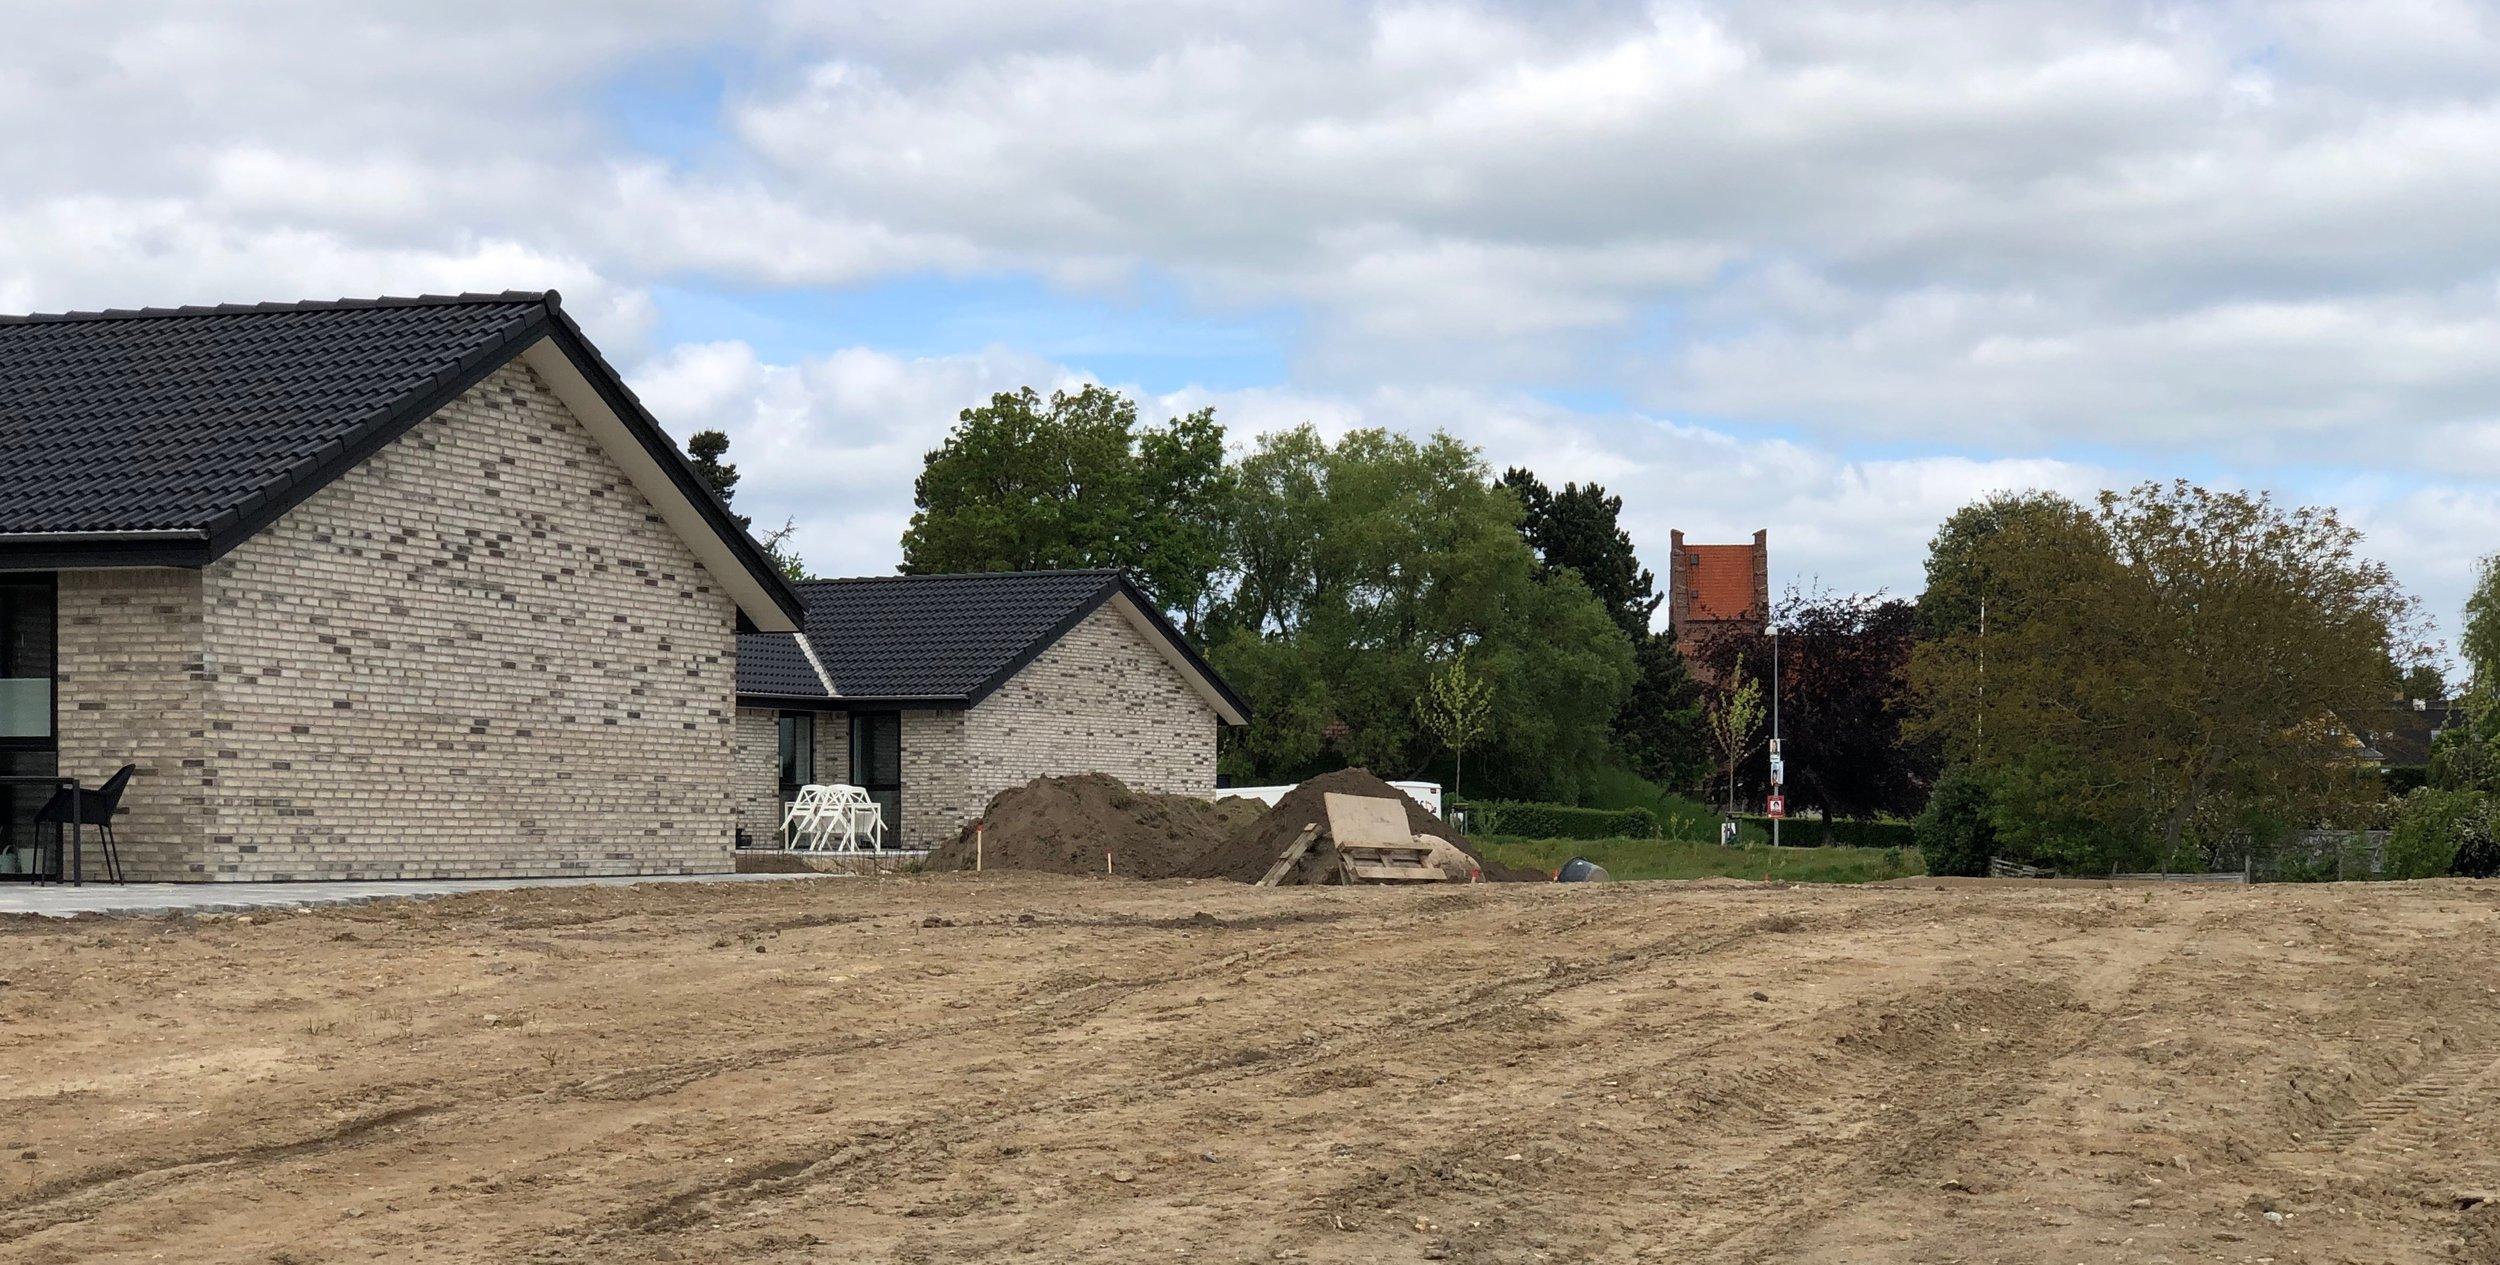 Efter at overskudsjorden er blevet fjernet, har man nu et fint kig til kirken fra den kommende kirkesti. Foto: AOB